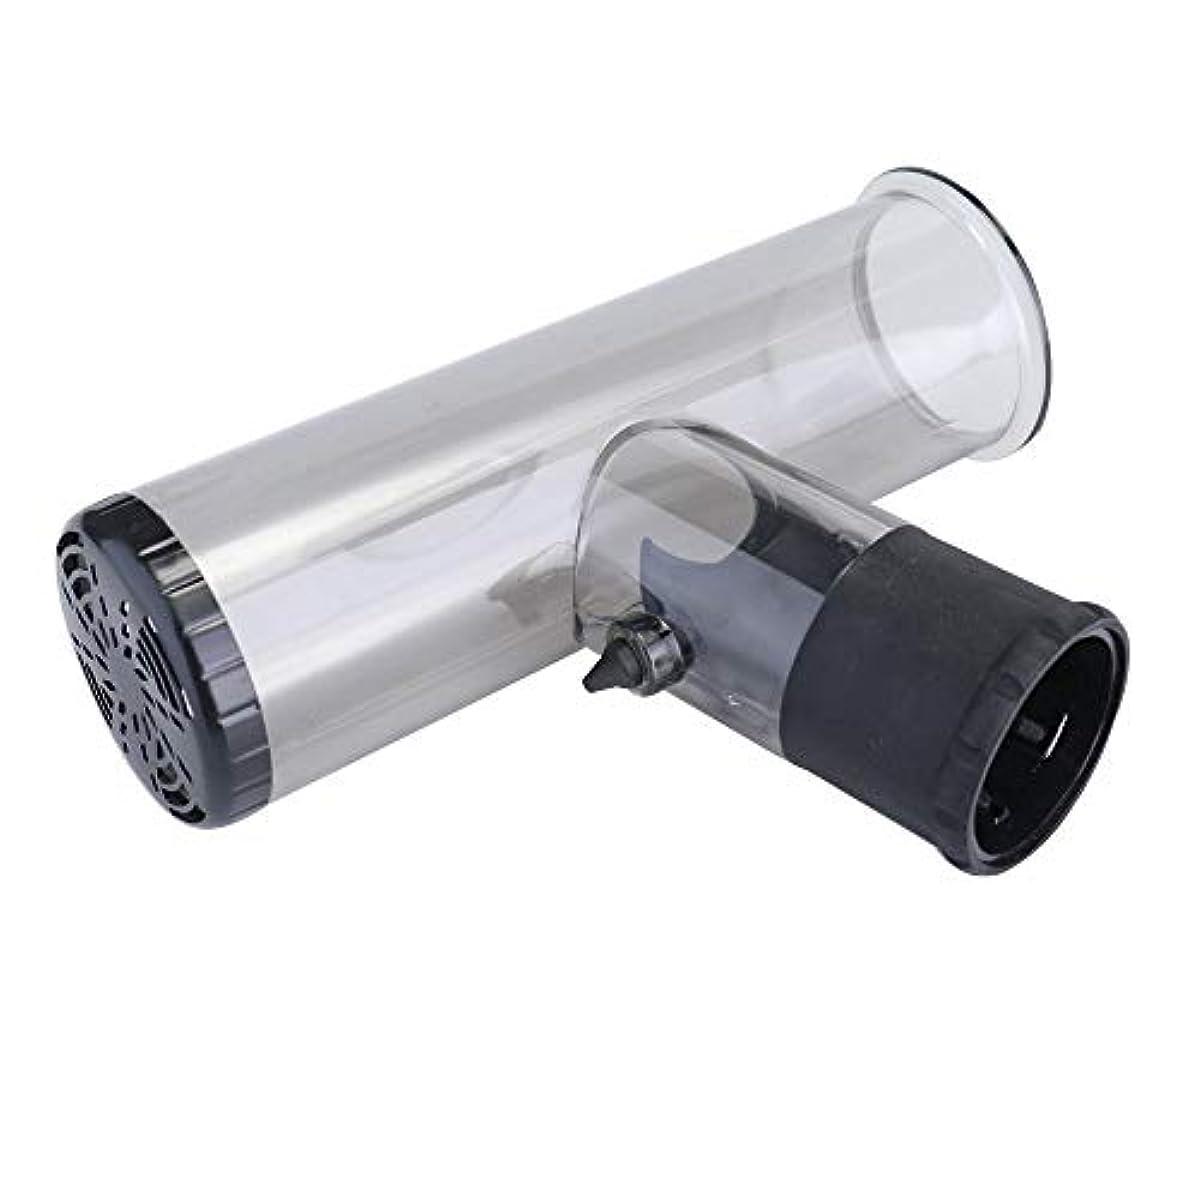 [해외] 【무료배송】헤어 드라이기 프로 헤어 diffuser 헤어 컬리 매직풍 스핀 컬 포터블 롤러 미용사 blower